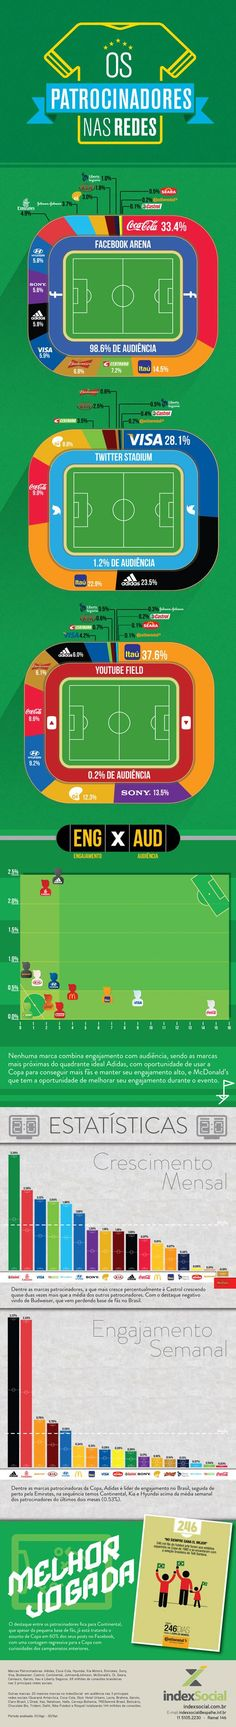 A performance das marcas patrocinadoras da Copa 2014 no Facebook, no Youtube e no Twitter